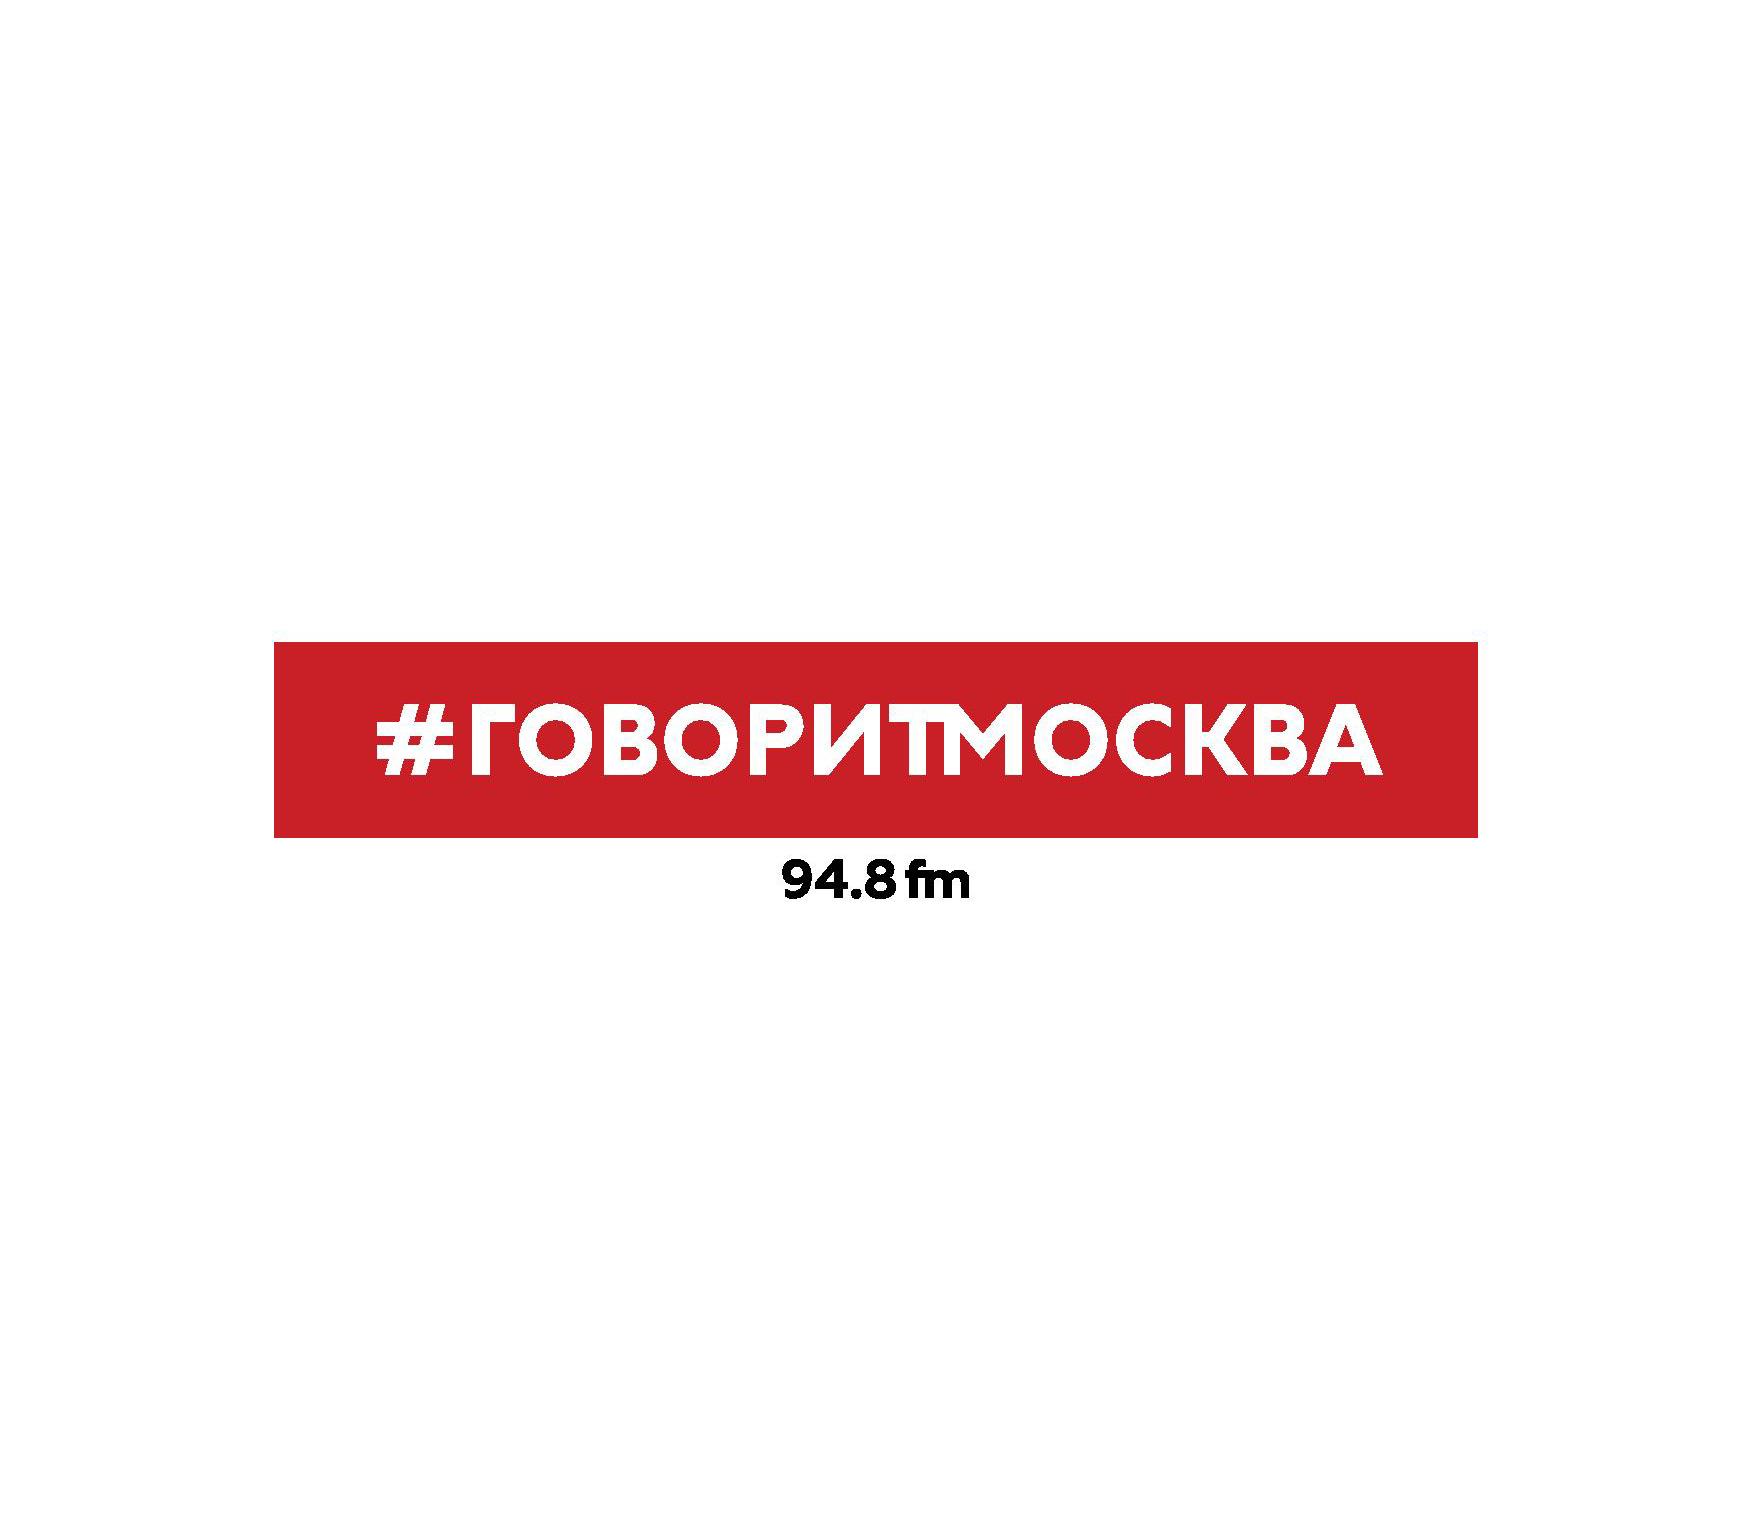 Макс Челноков 28 апреля. Лолита Милявская лолита красногорск